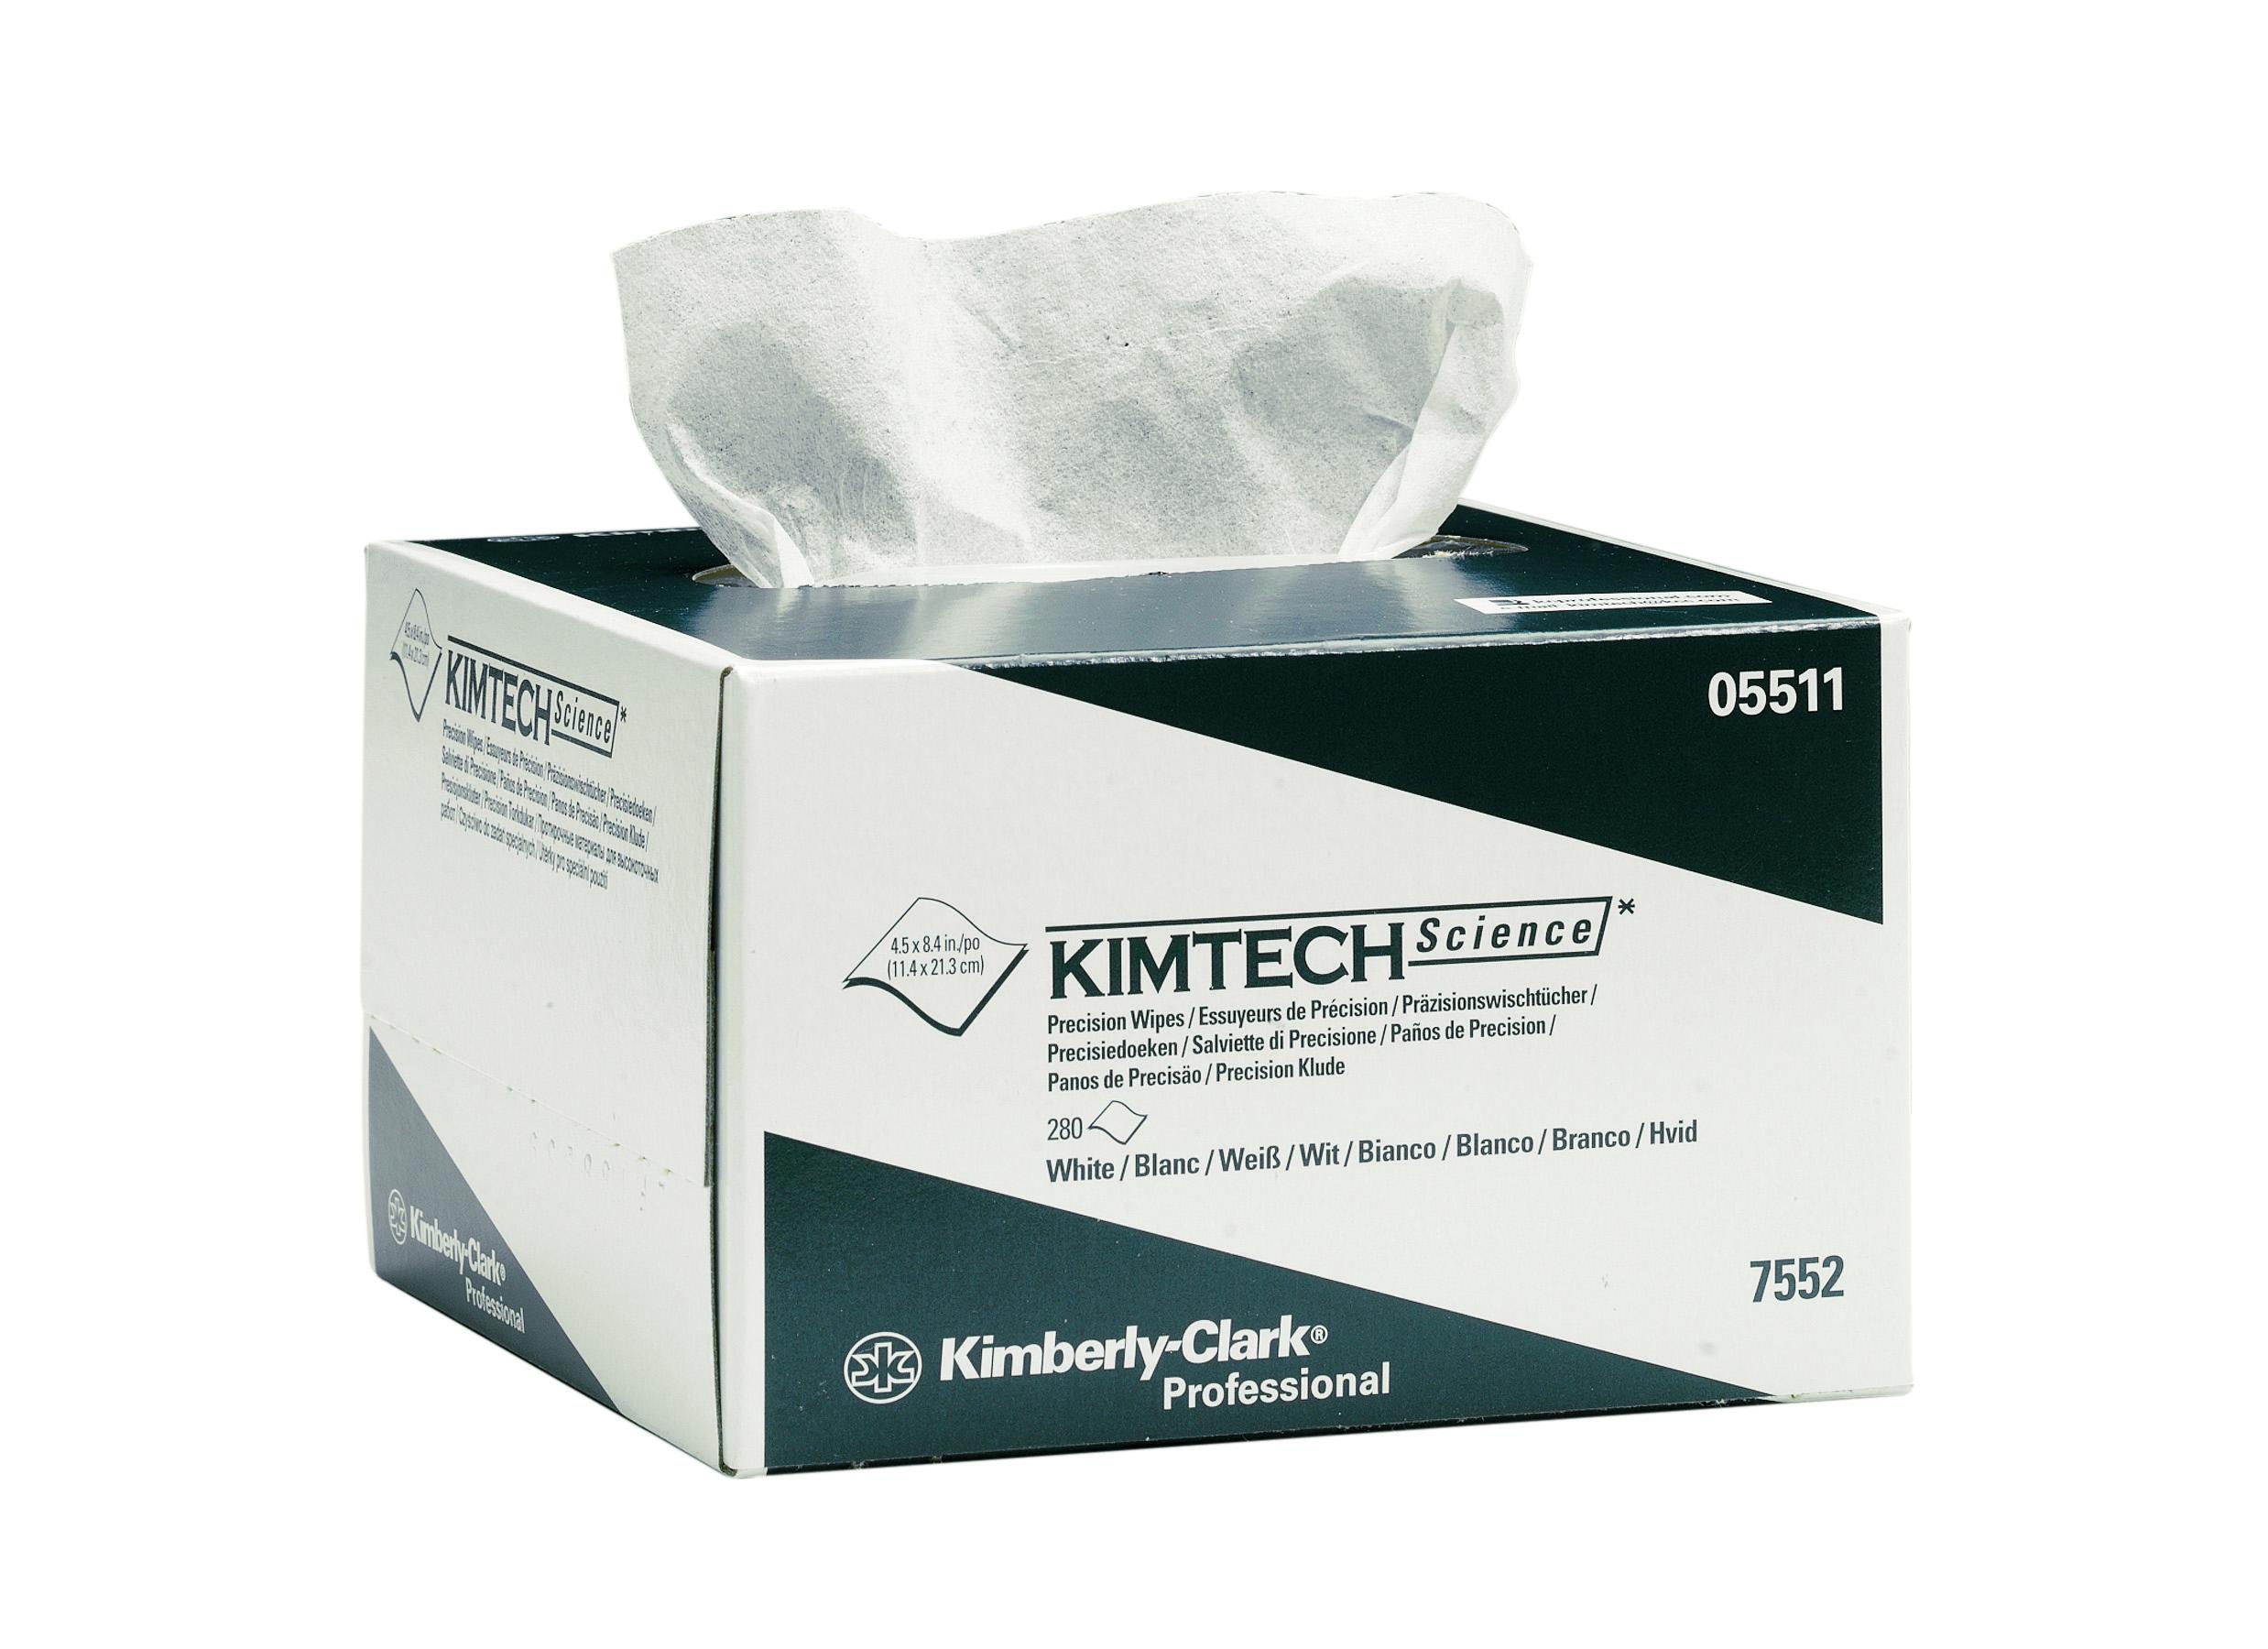 Kimberly-Clark® Kimtech Science, paber laborile, 11.5cm x 21.5cm, kastis: 30pk x 280tk, 1-kihiline, valge